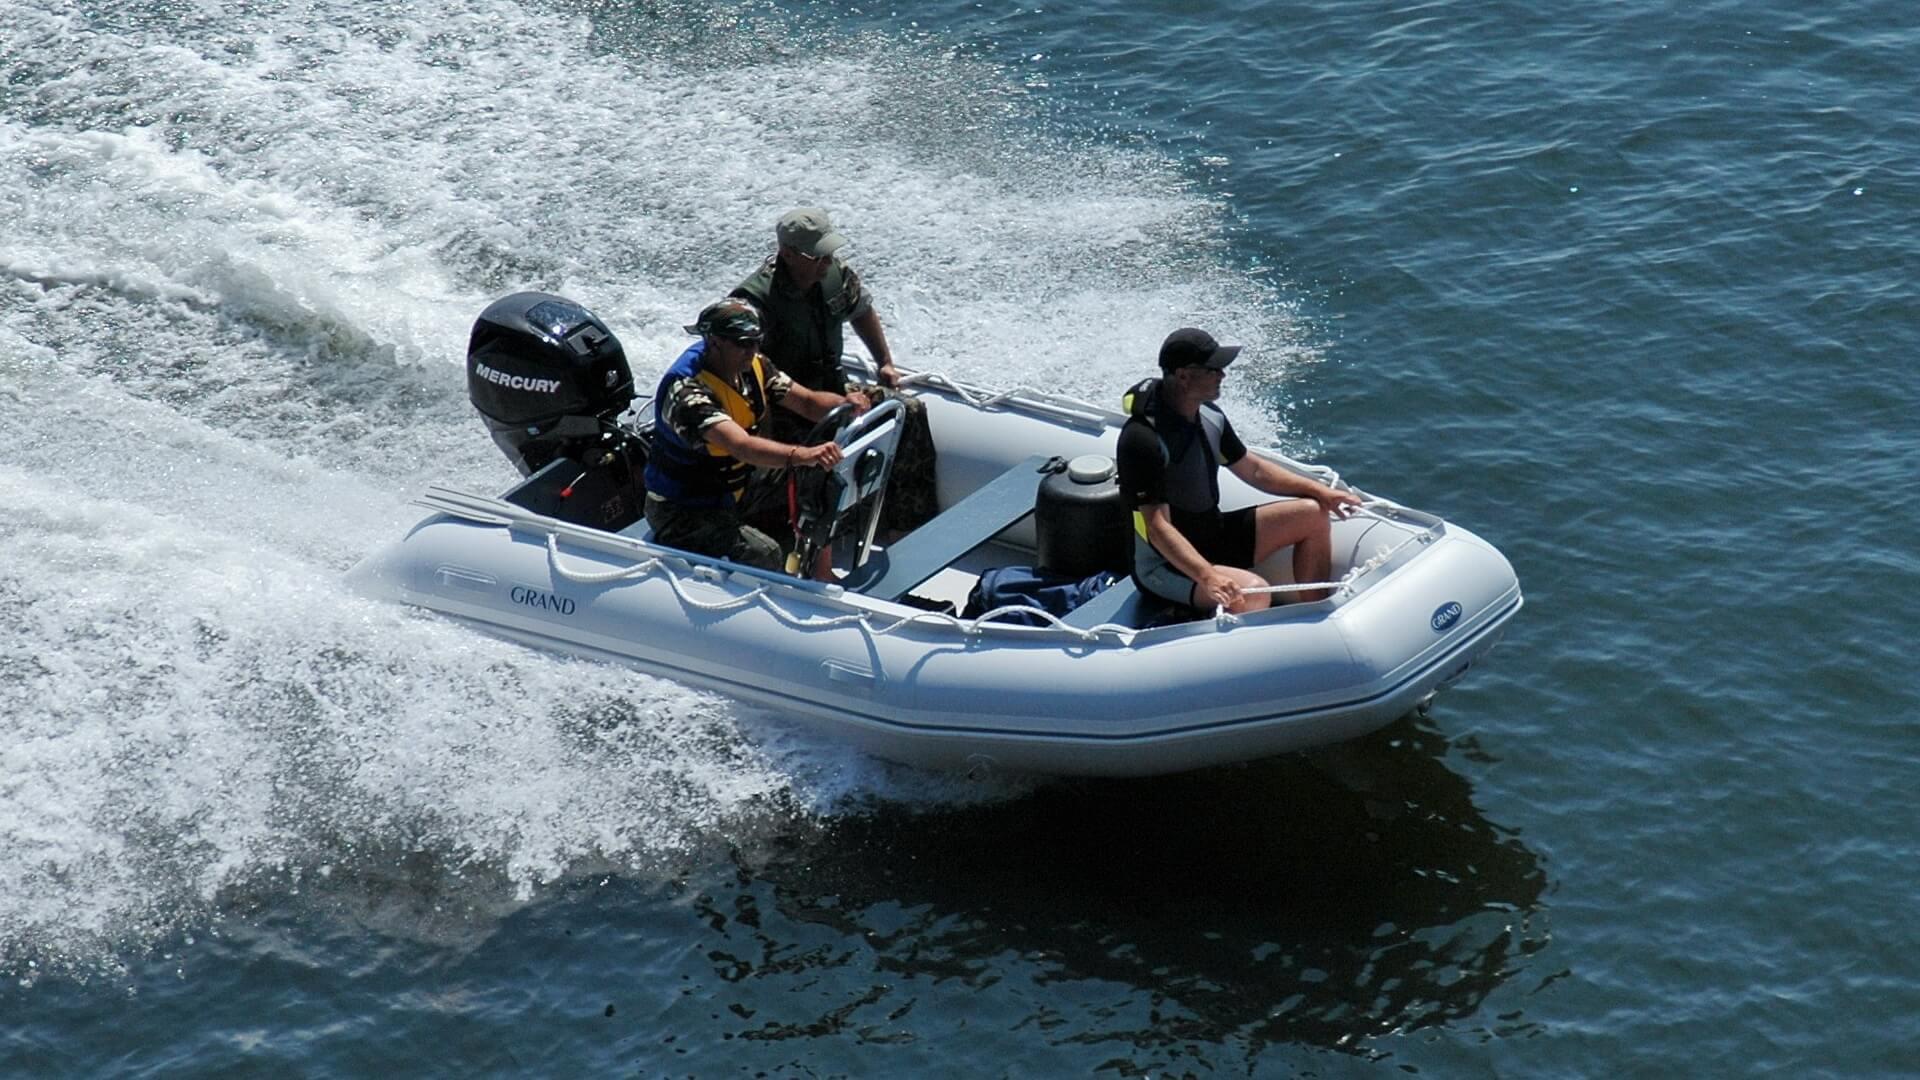 Складная надувная лодка с настилом GRAND Ranger R420, Надувная лодка GRAND Ranger R420, GRAND Ranger R420, GRAND R420, Надувная лодка GRAND, Надувная лодка ГРАНД, Разборная надувная лодка с настилом, Разборная надувная лодка, Fordable Boats